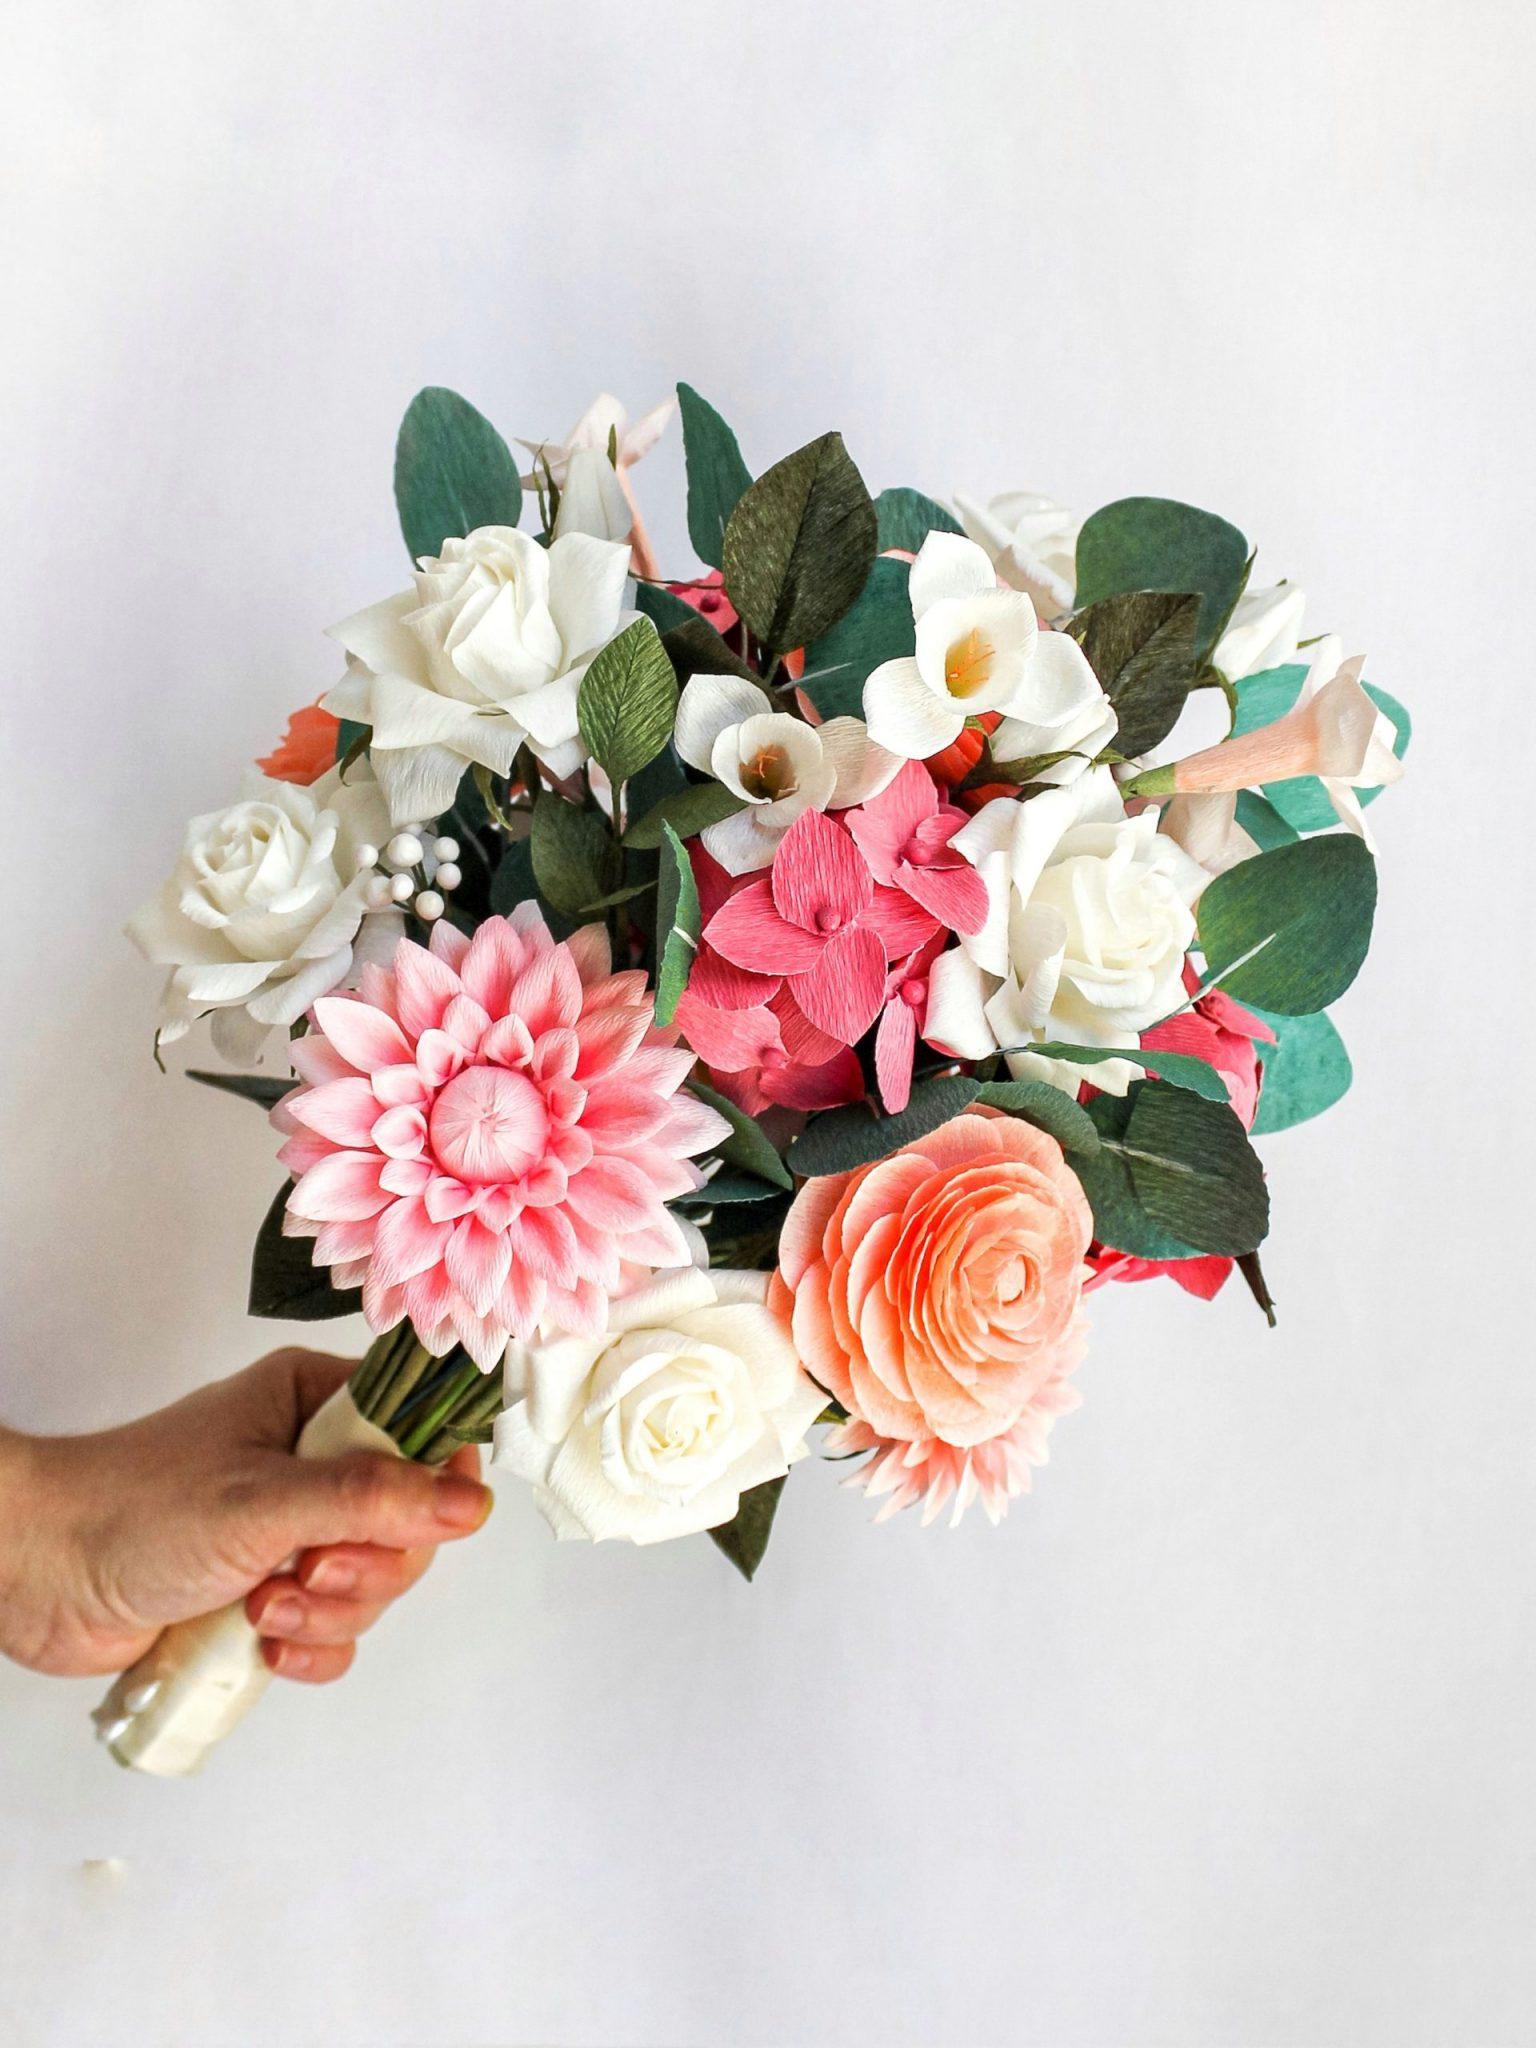 ramo de novia de papel con dalias, hortensias rosas, fresias blancas, rosas y ranúnculos de papel, flores para siempre